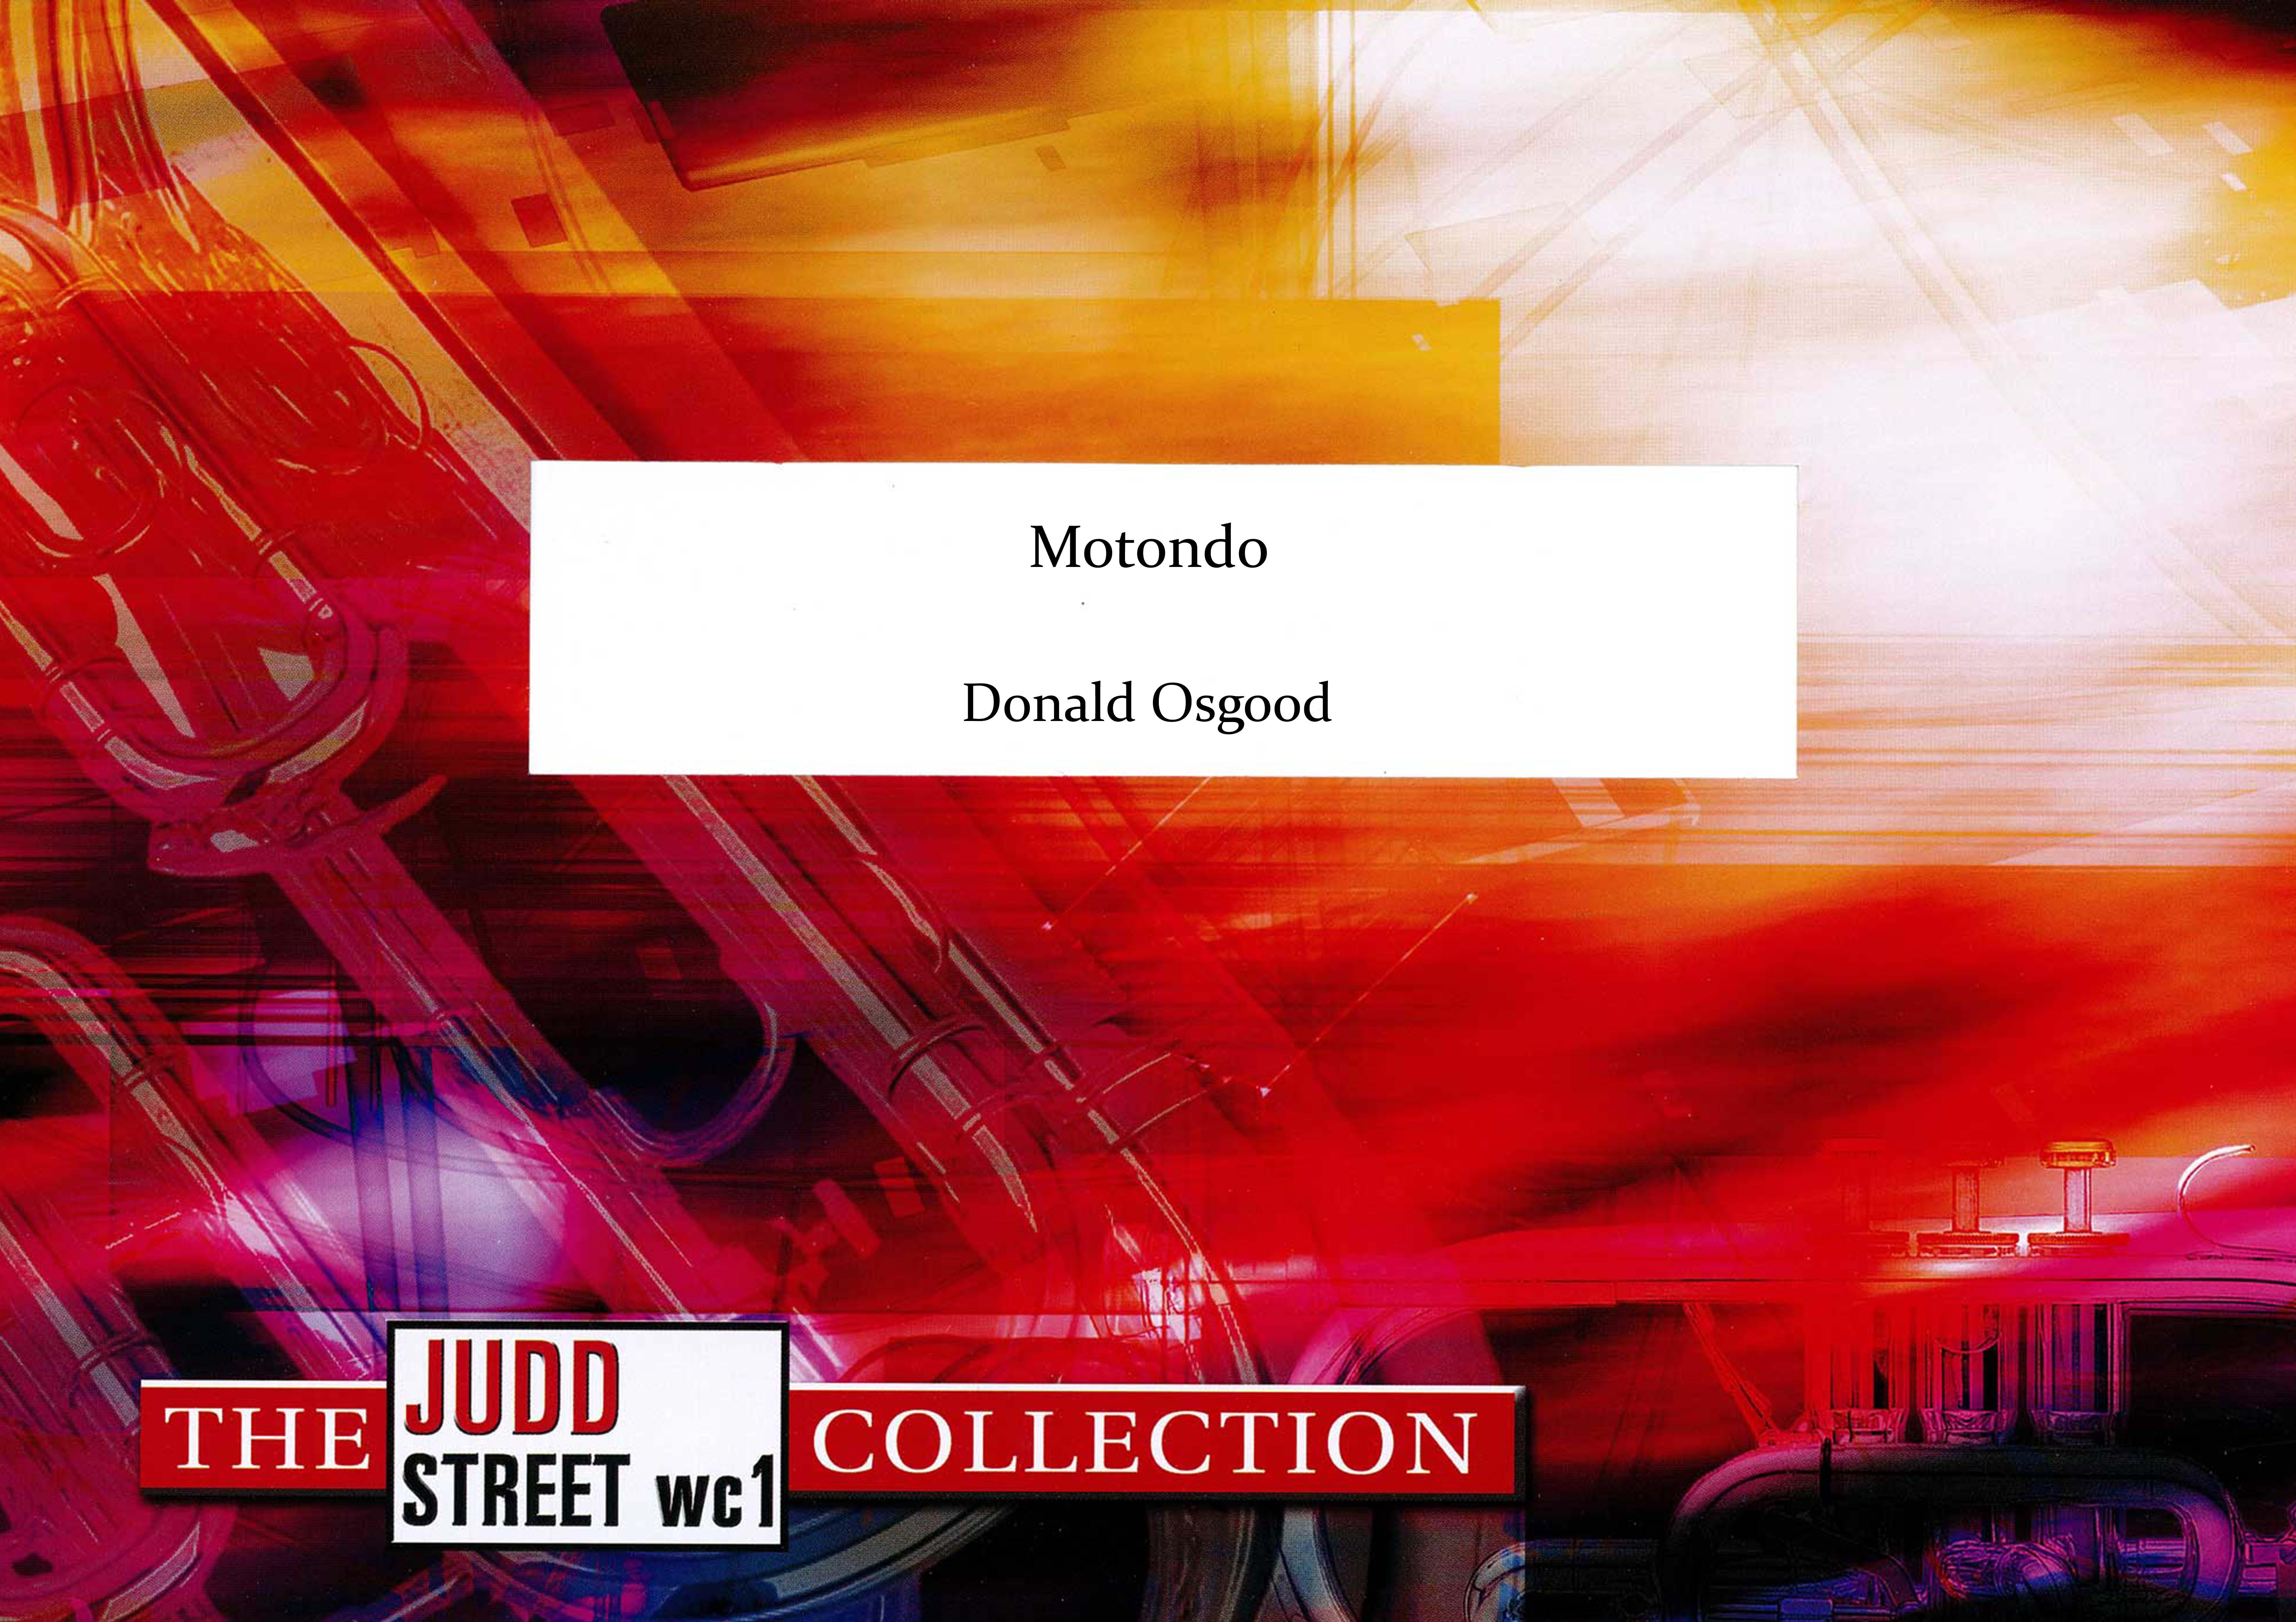 Motondo (Brass Band - Score only)